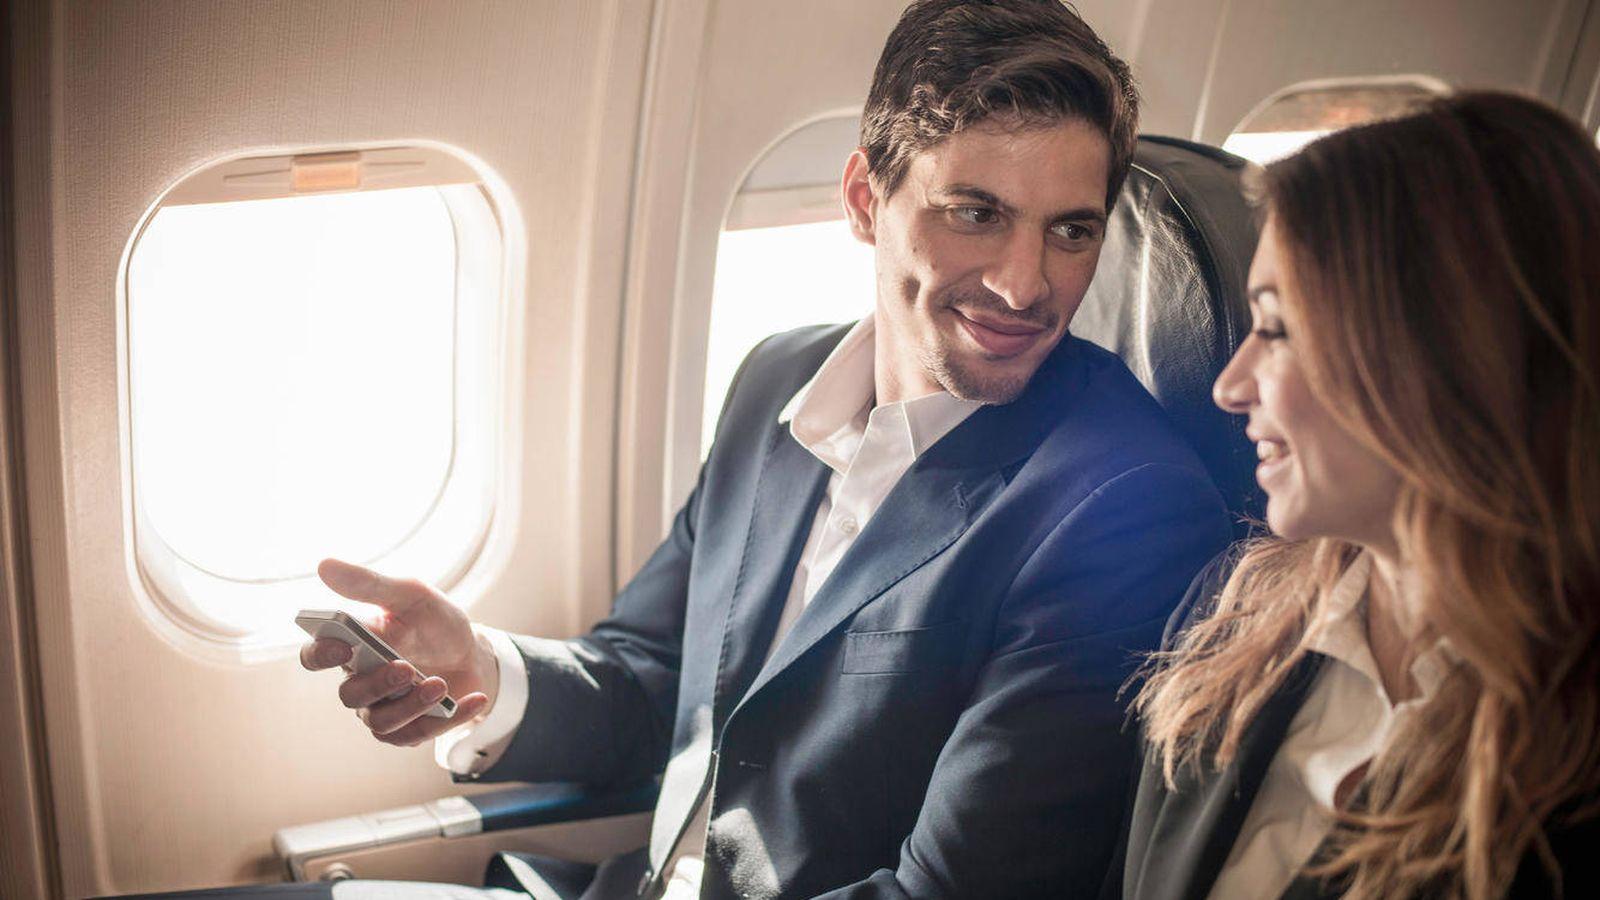 Resultado de imagen para dentro del avion pareja